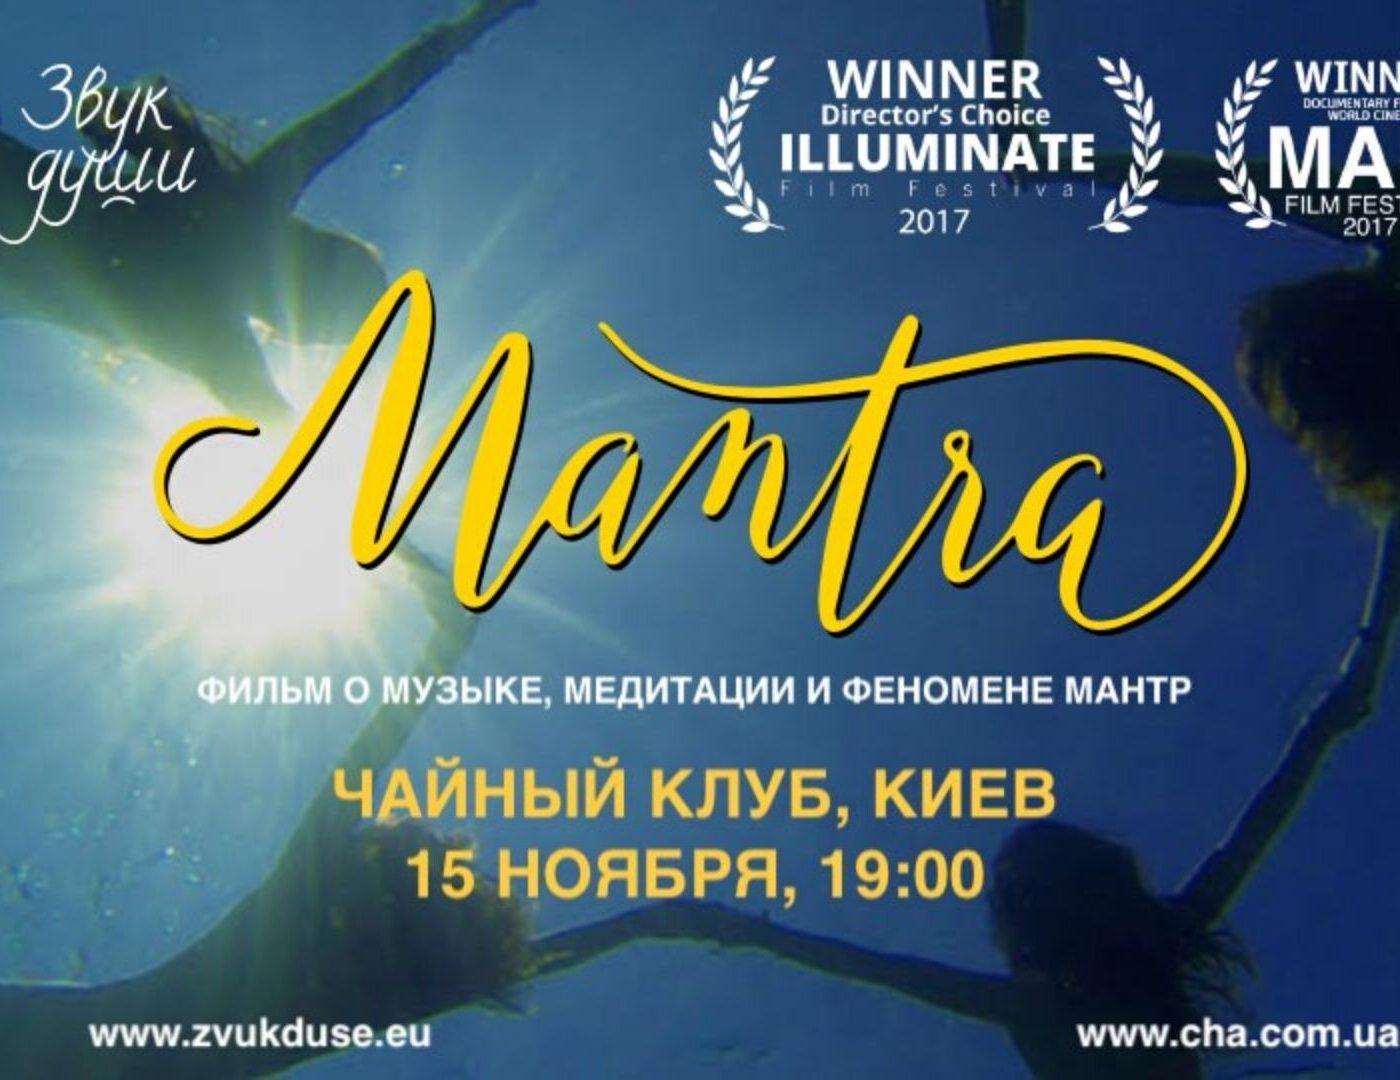 Показ фильма Mantra